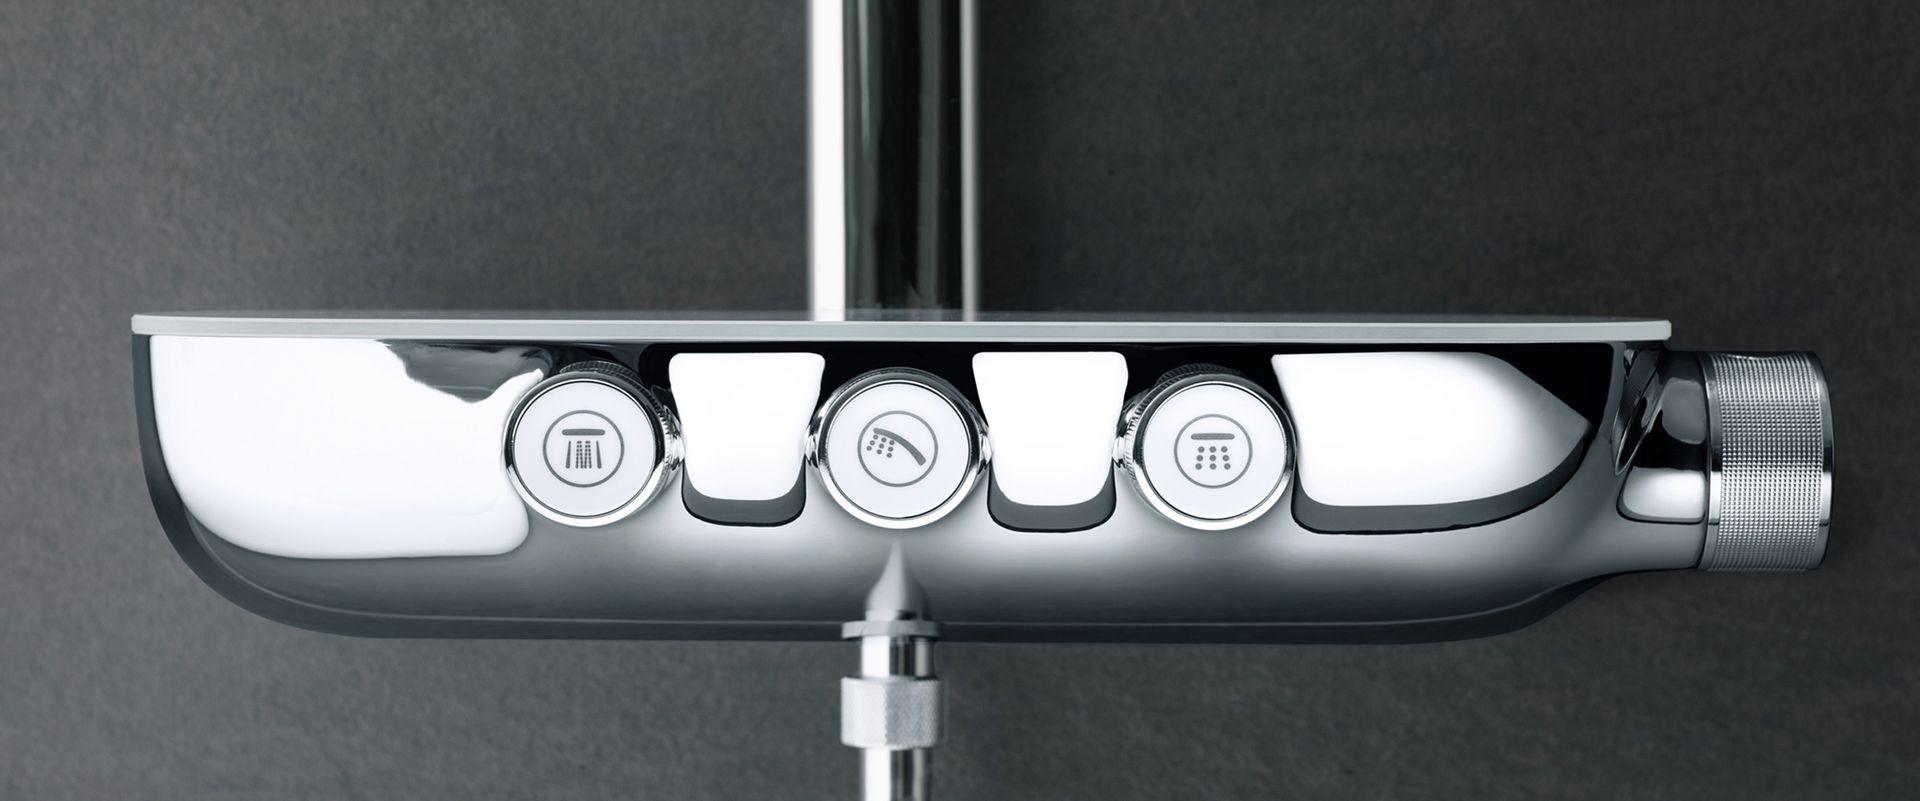 Full Size of Unterputz Armatur Dusche Bodengleiche Walkin Abfluss Barrierefreie Thermostat Mischbatterie Moderne Duschen Badewanne Mit Tür Und Bidet Hüppe 90x90 Dusche Grohe Thermostat Dusche